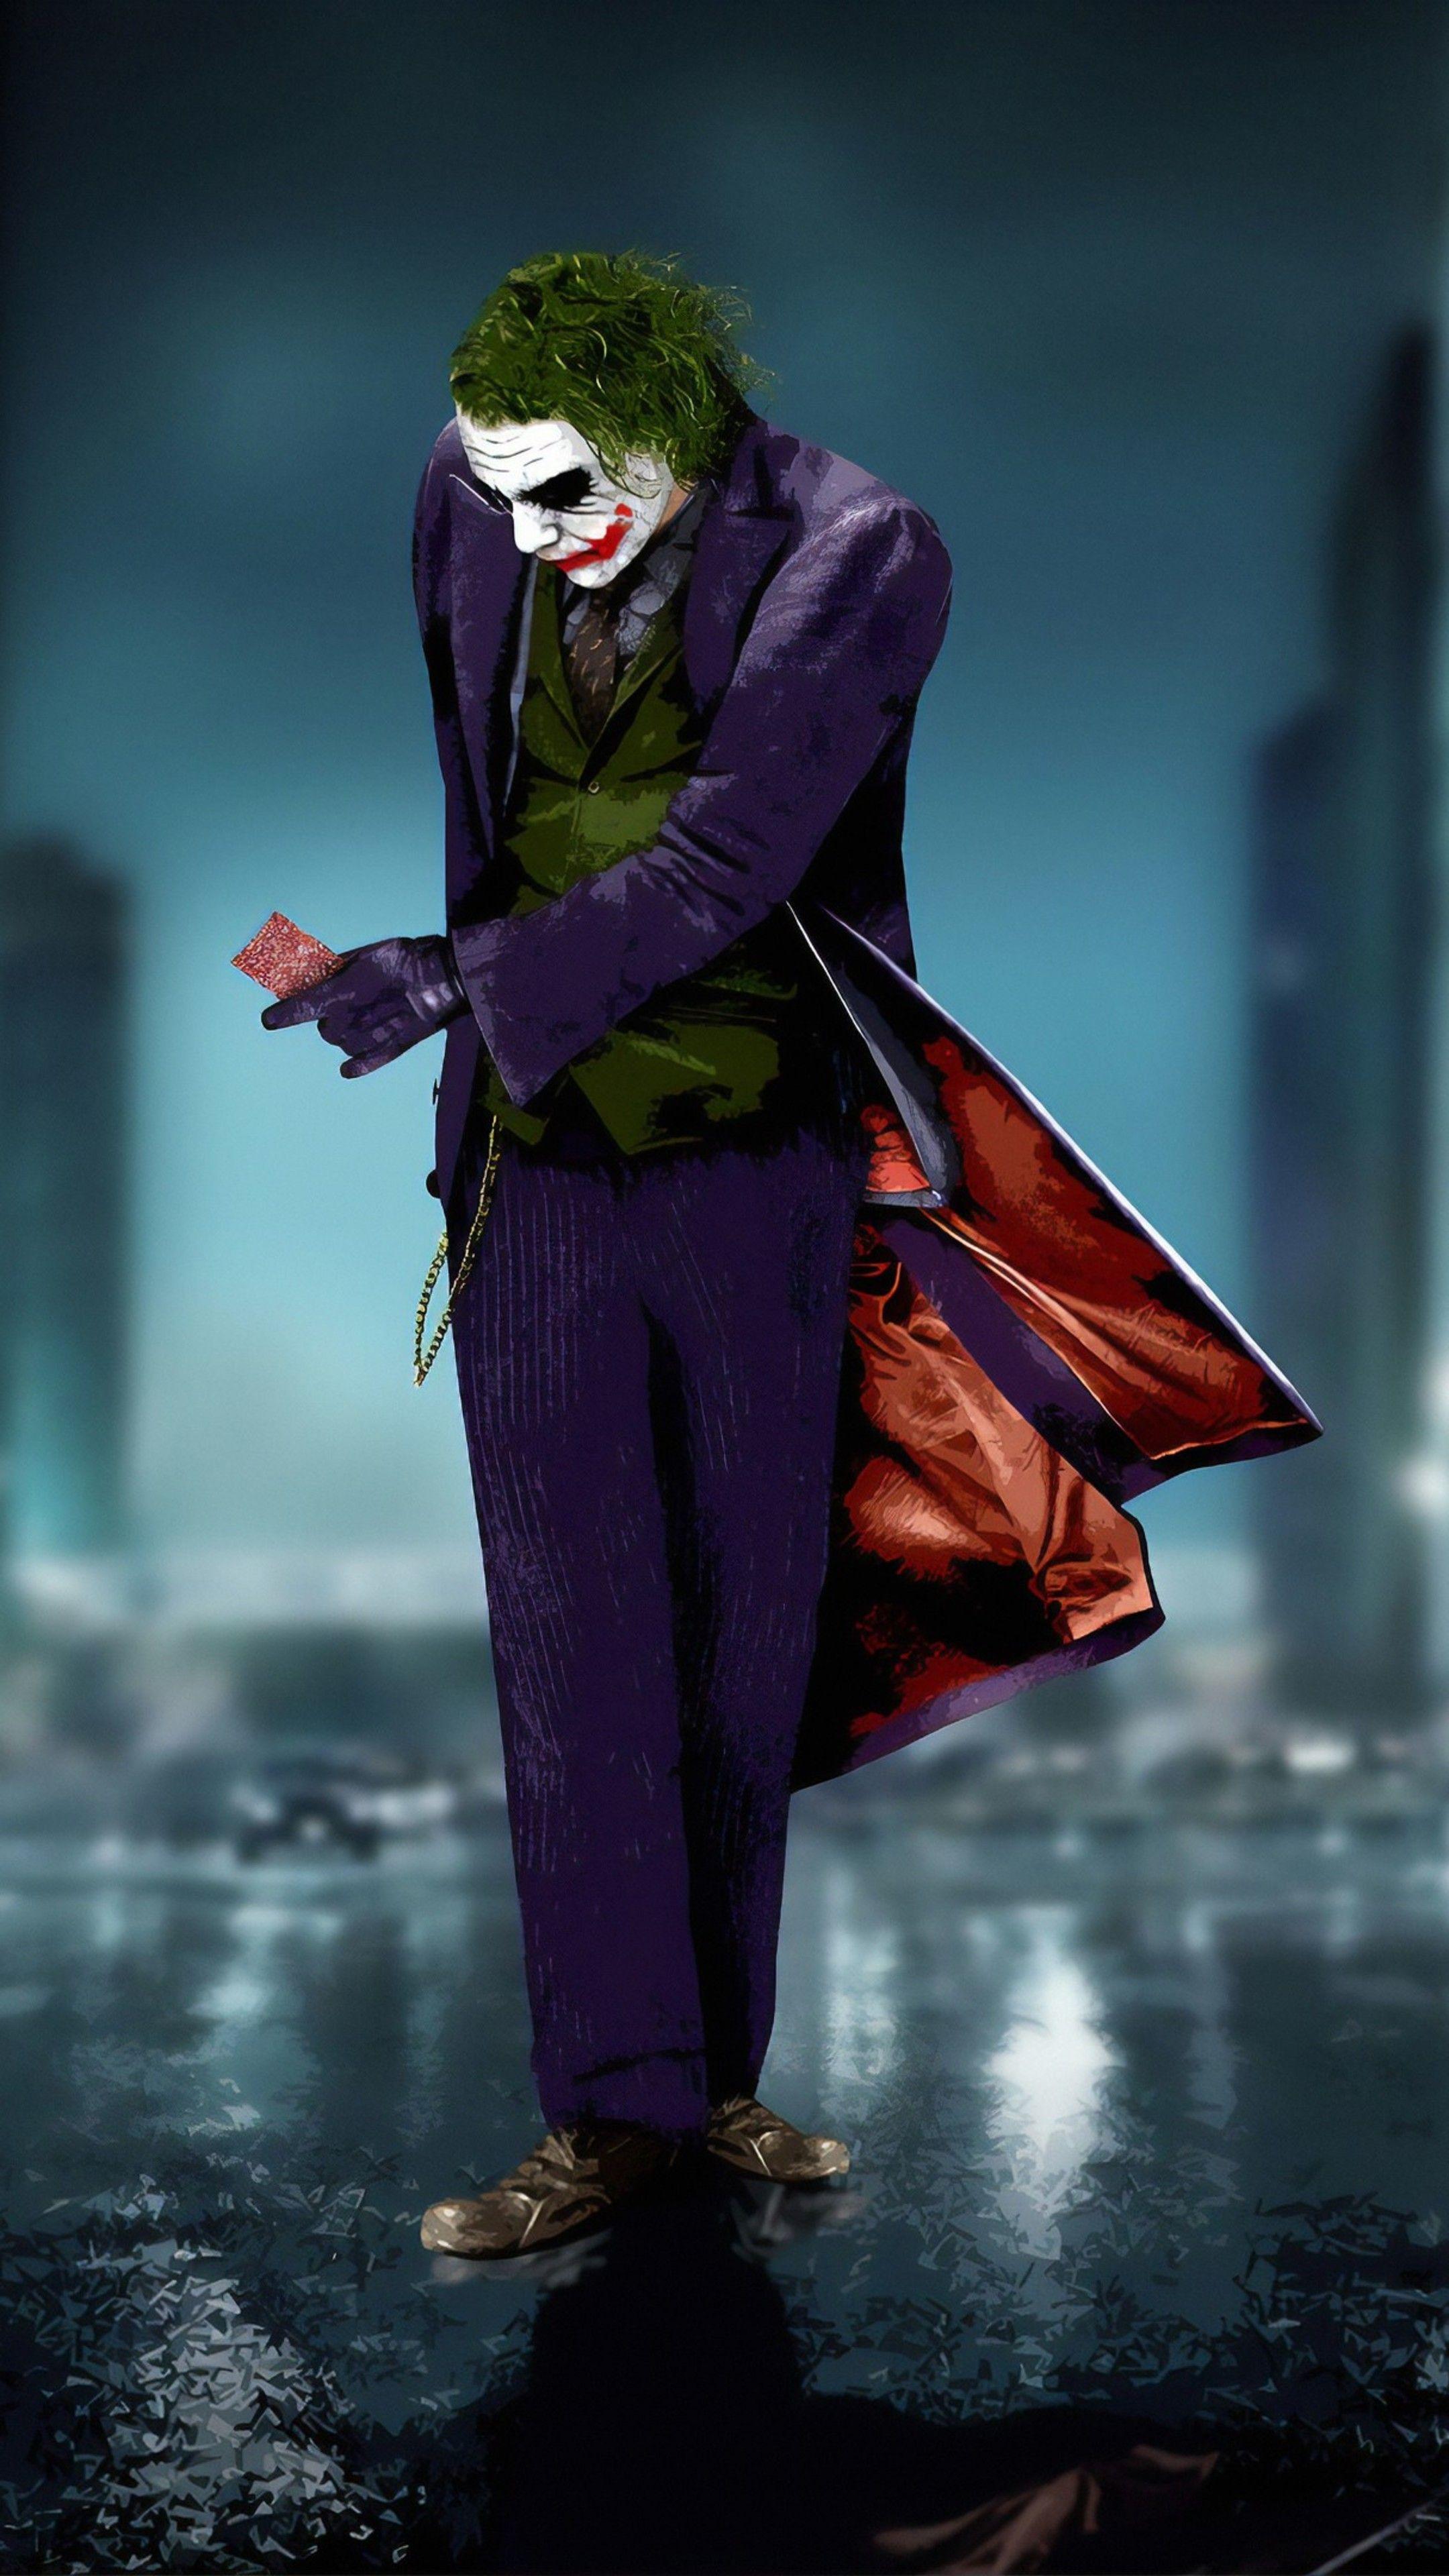 Pin By Kairat Tapyshev On The J K R Joker Iphone Wallpaper Joker Hd Wallpaper Joker Wallpapers